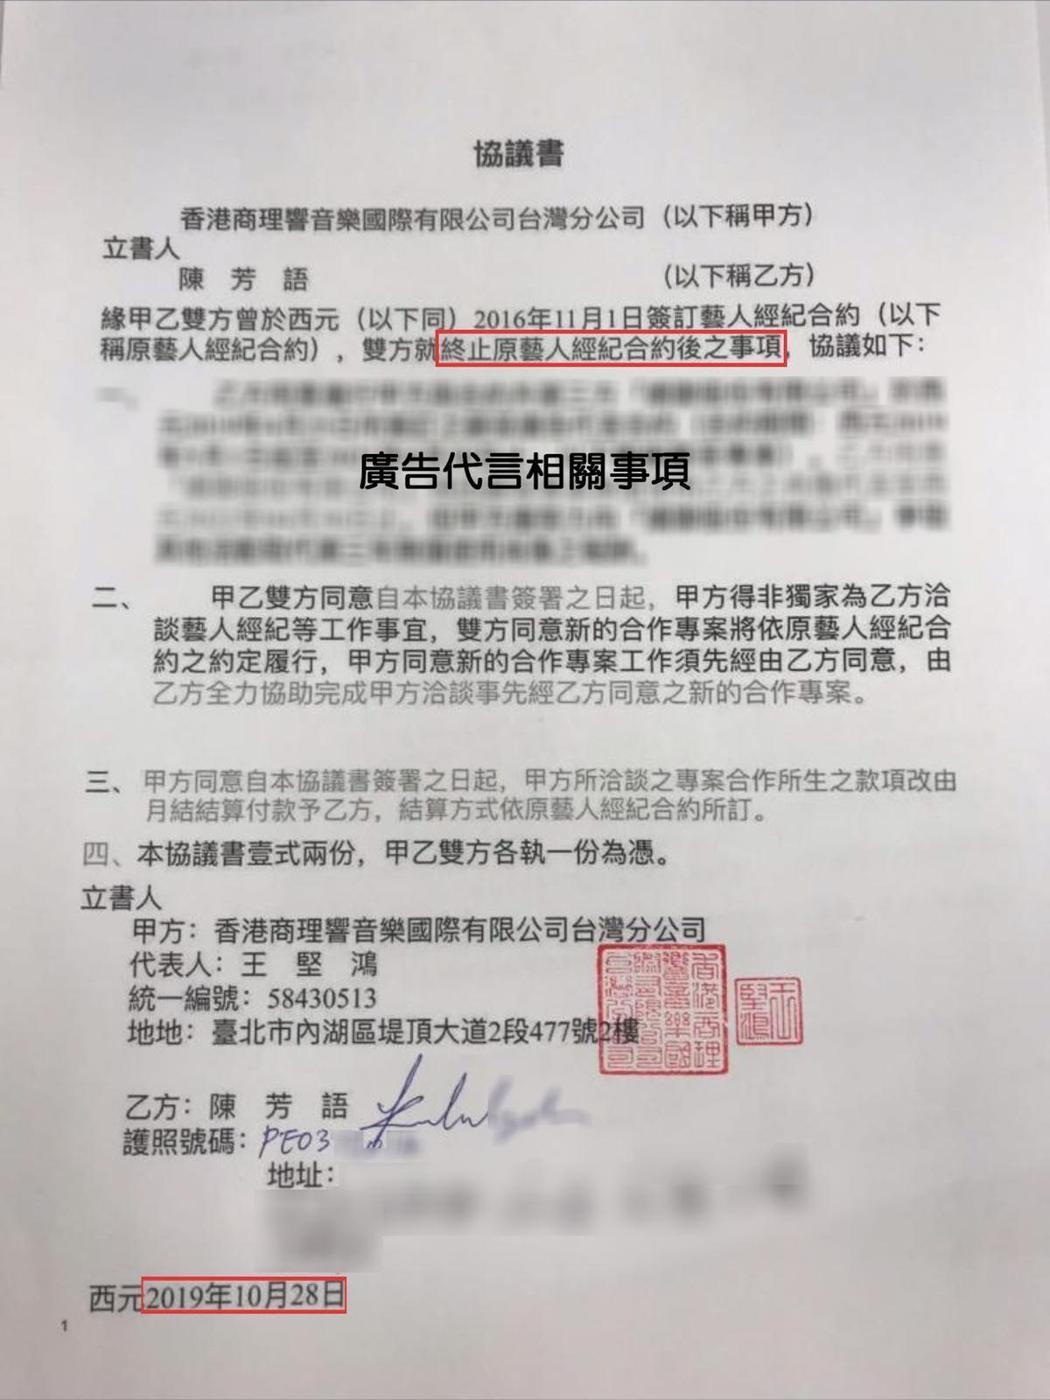 陳芳語曝光協議書,強調已是自由身。圖/陳芳語提供